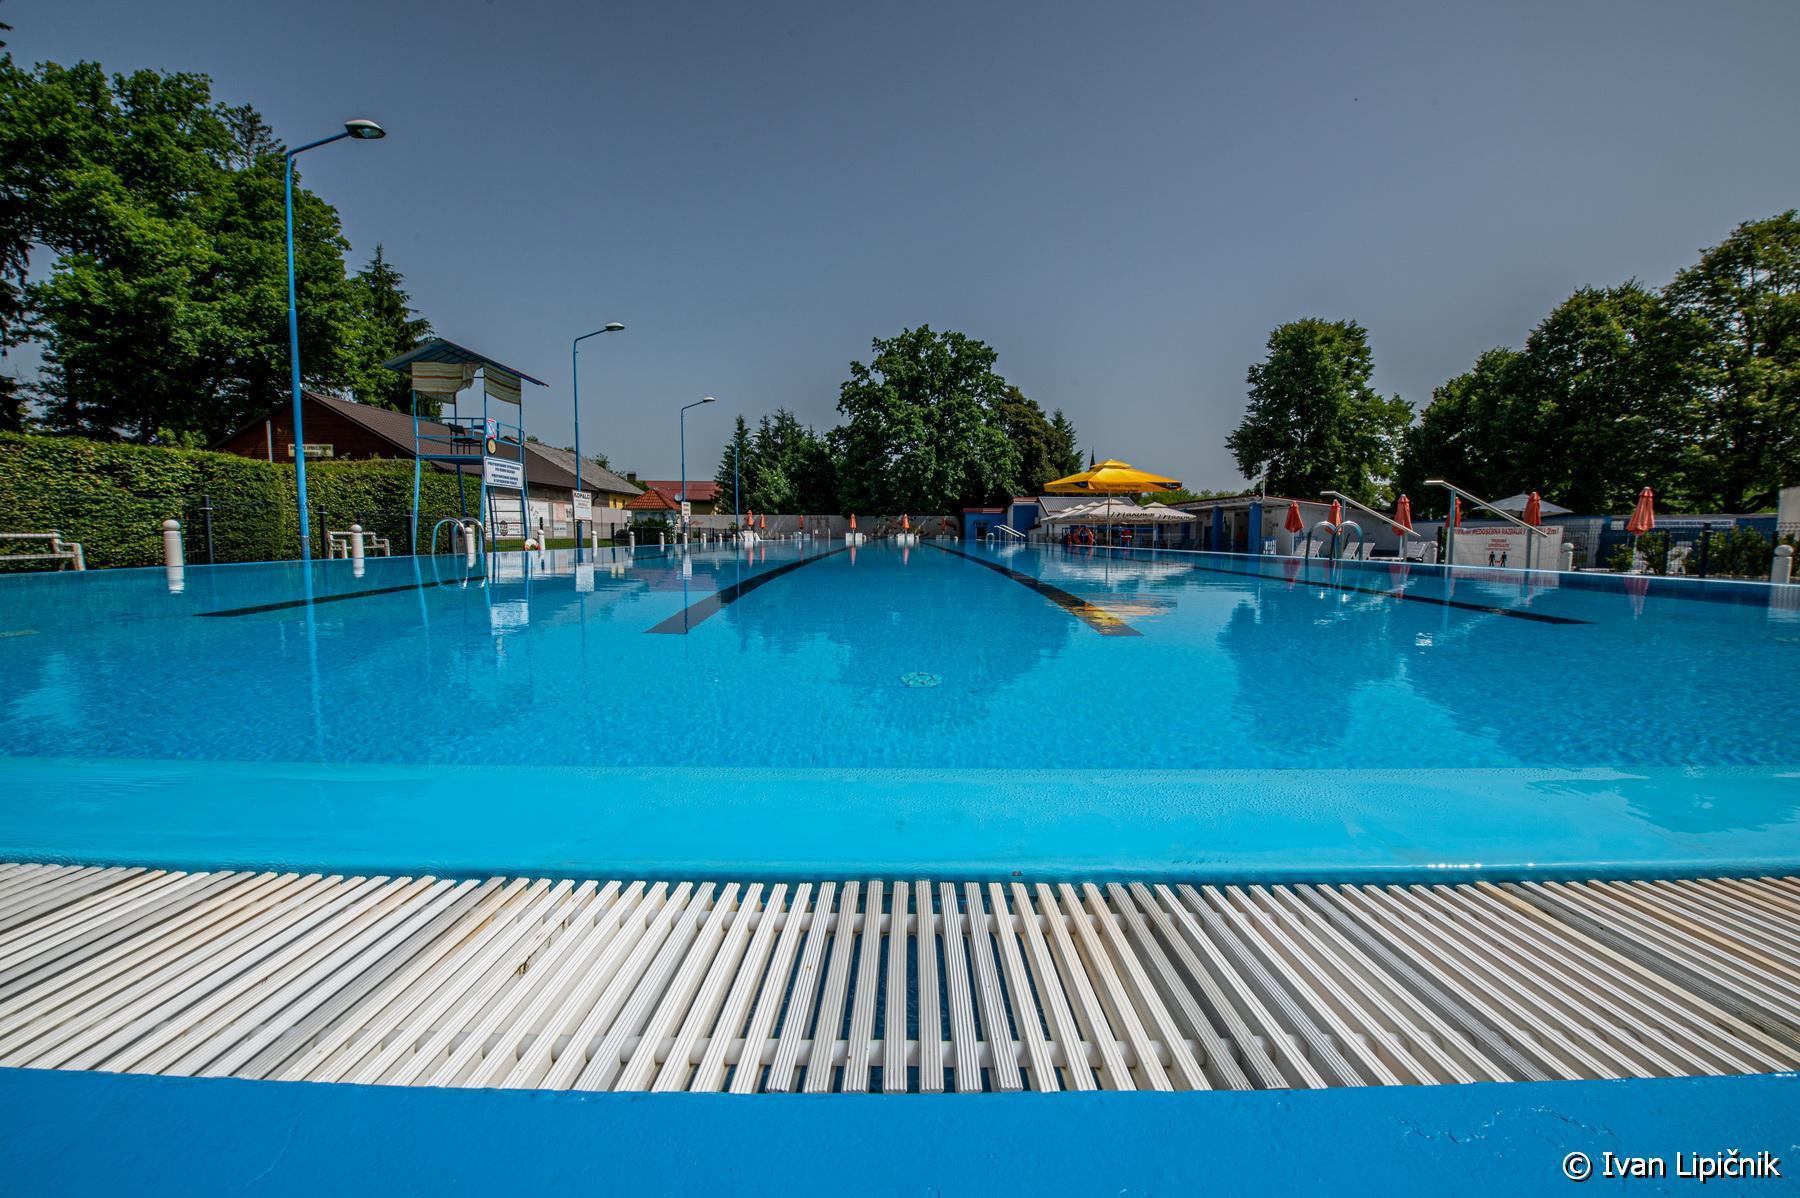 GALERIJA DOGODKOV: Otvoritev bazena Prebold, 21. junij 2021 ( FOTO: Ivan Lipičnik )